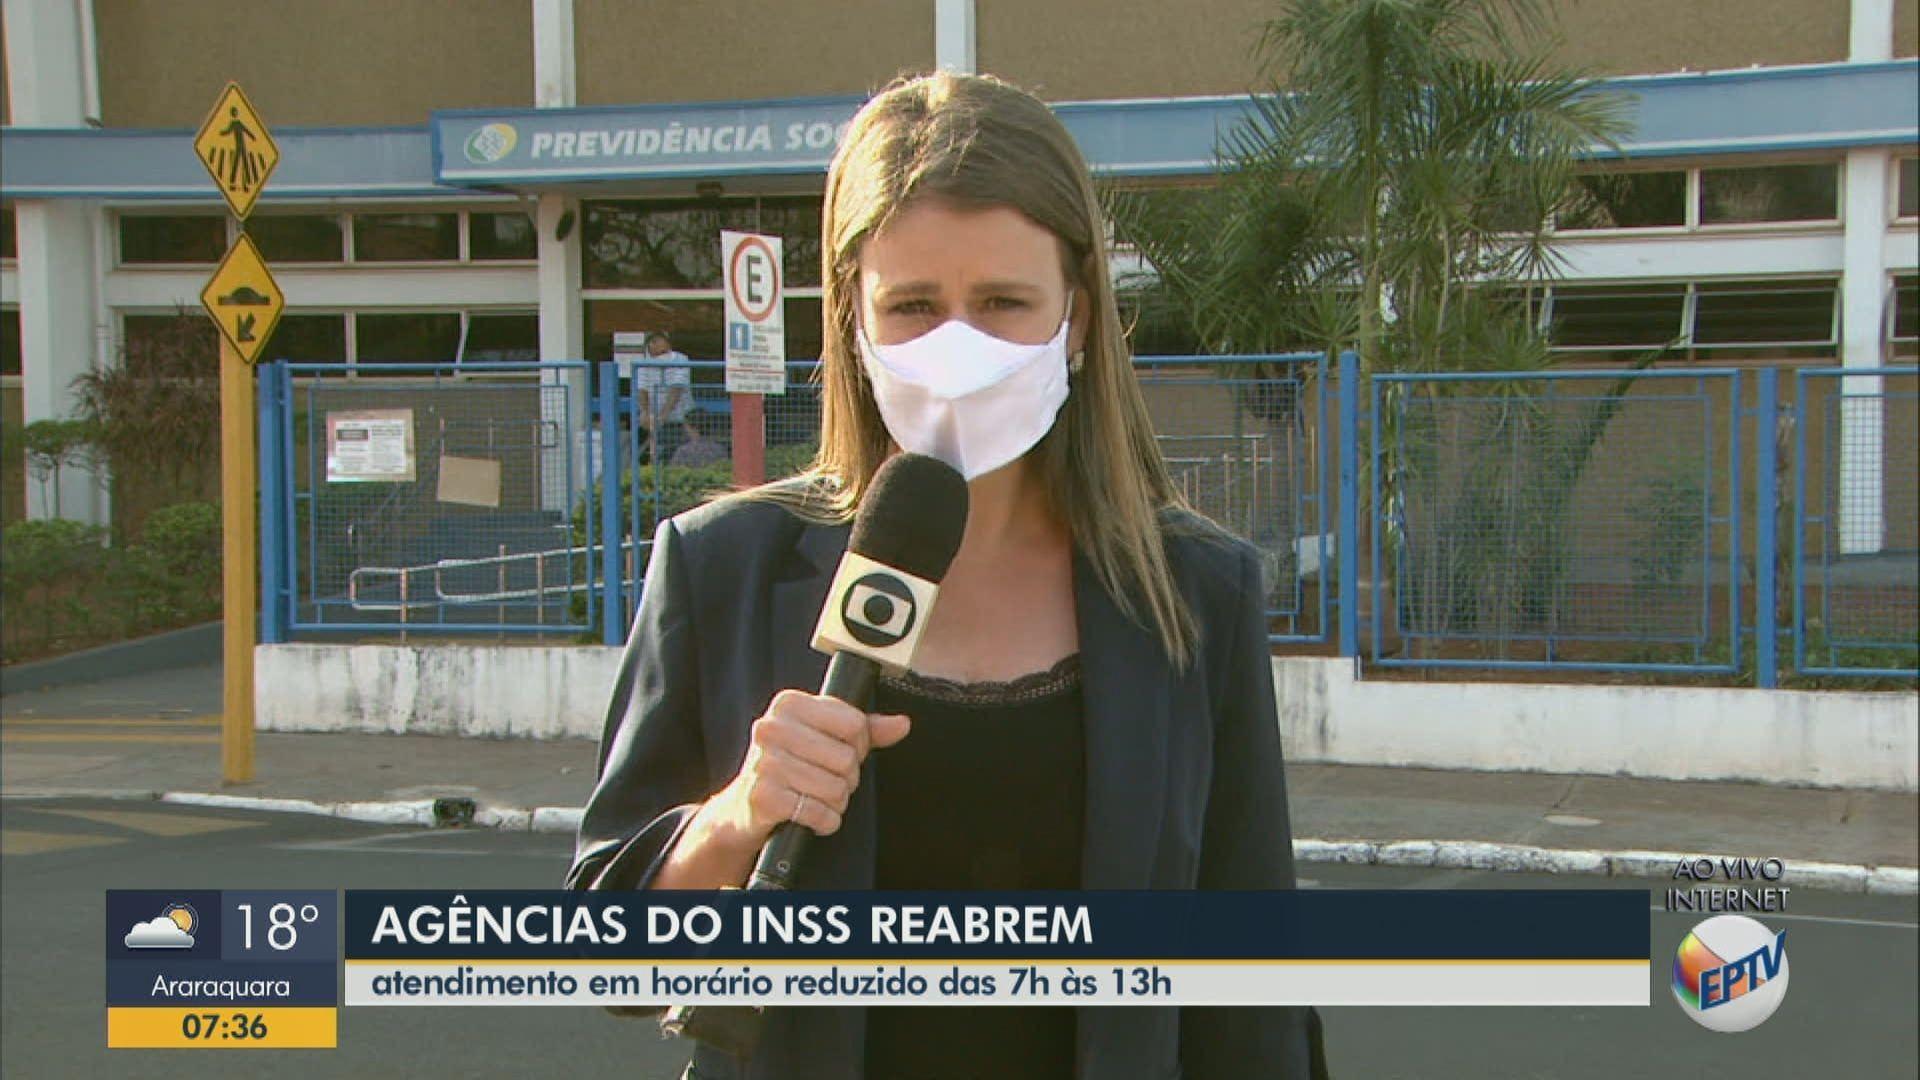 VÍDEOS: Bom Dia Cidade de São Carlos e Araraquara, de 17 de setembro de 2020